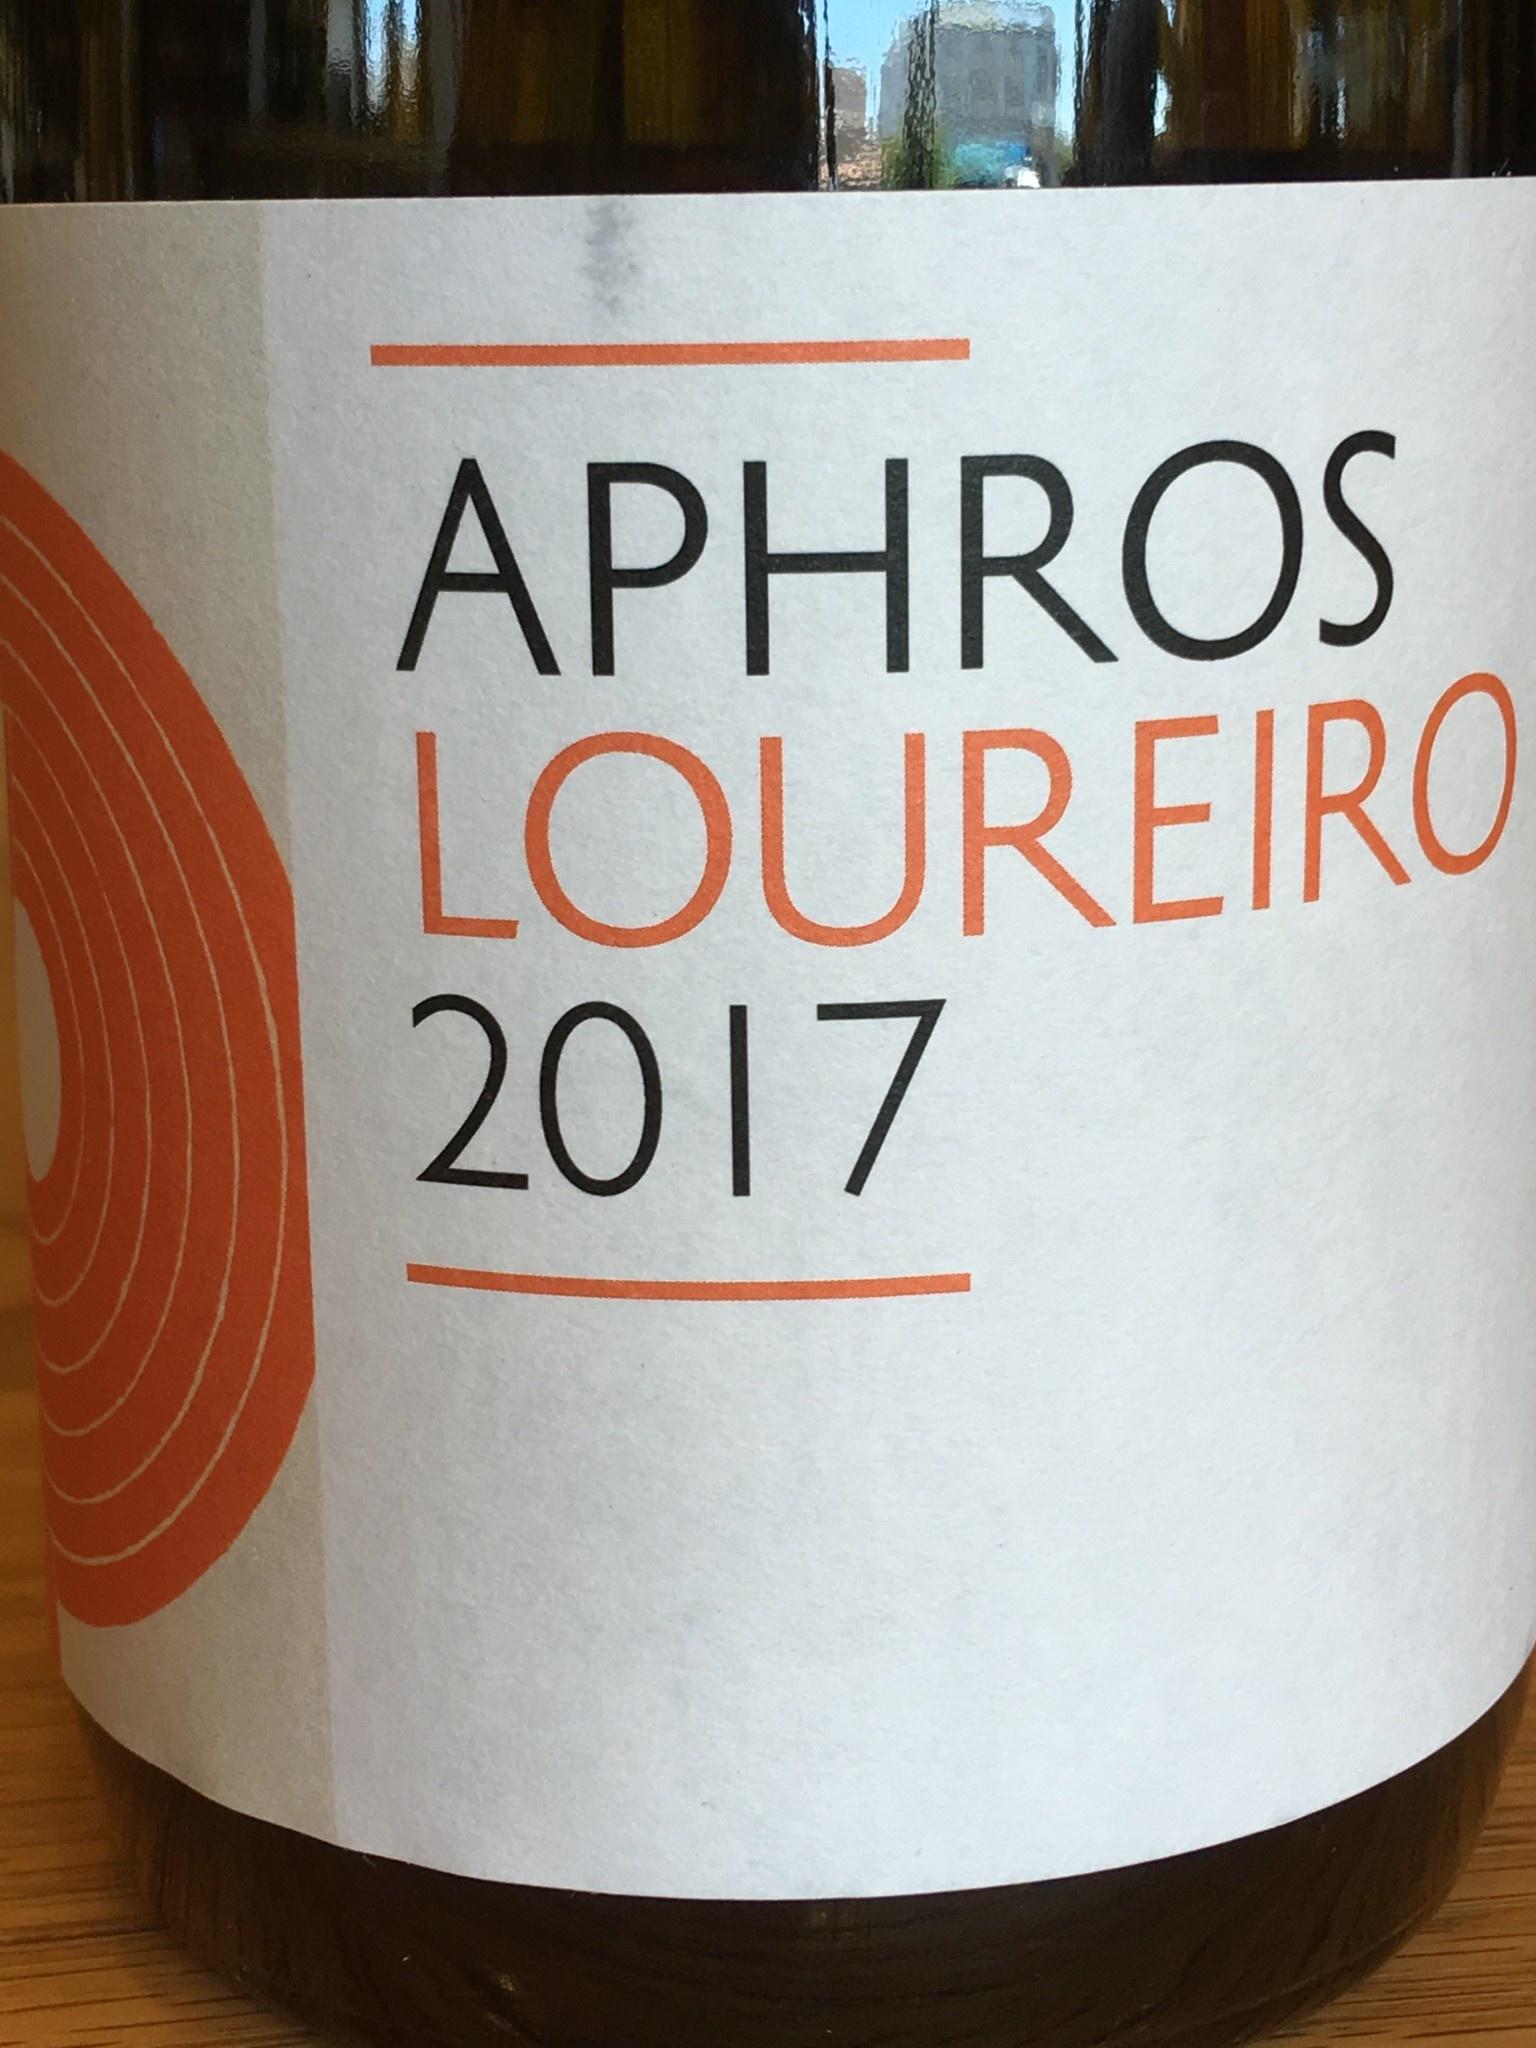 Aphros 2017 Aphros Loureiro 750mL